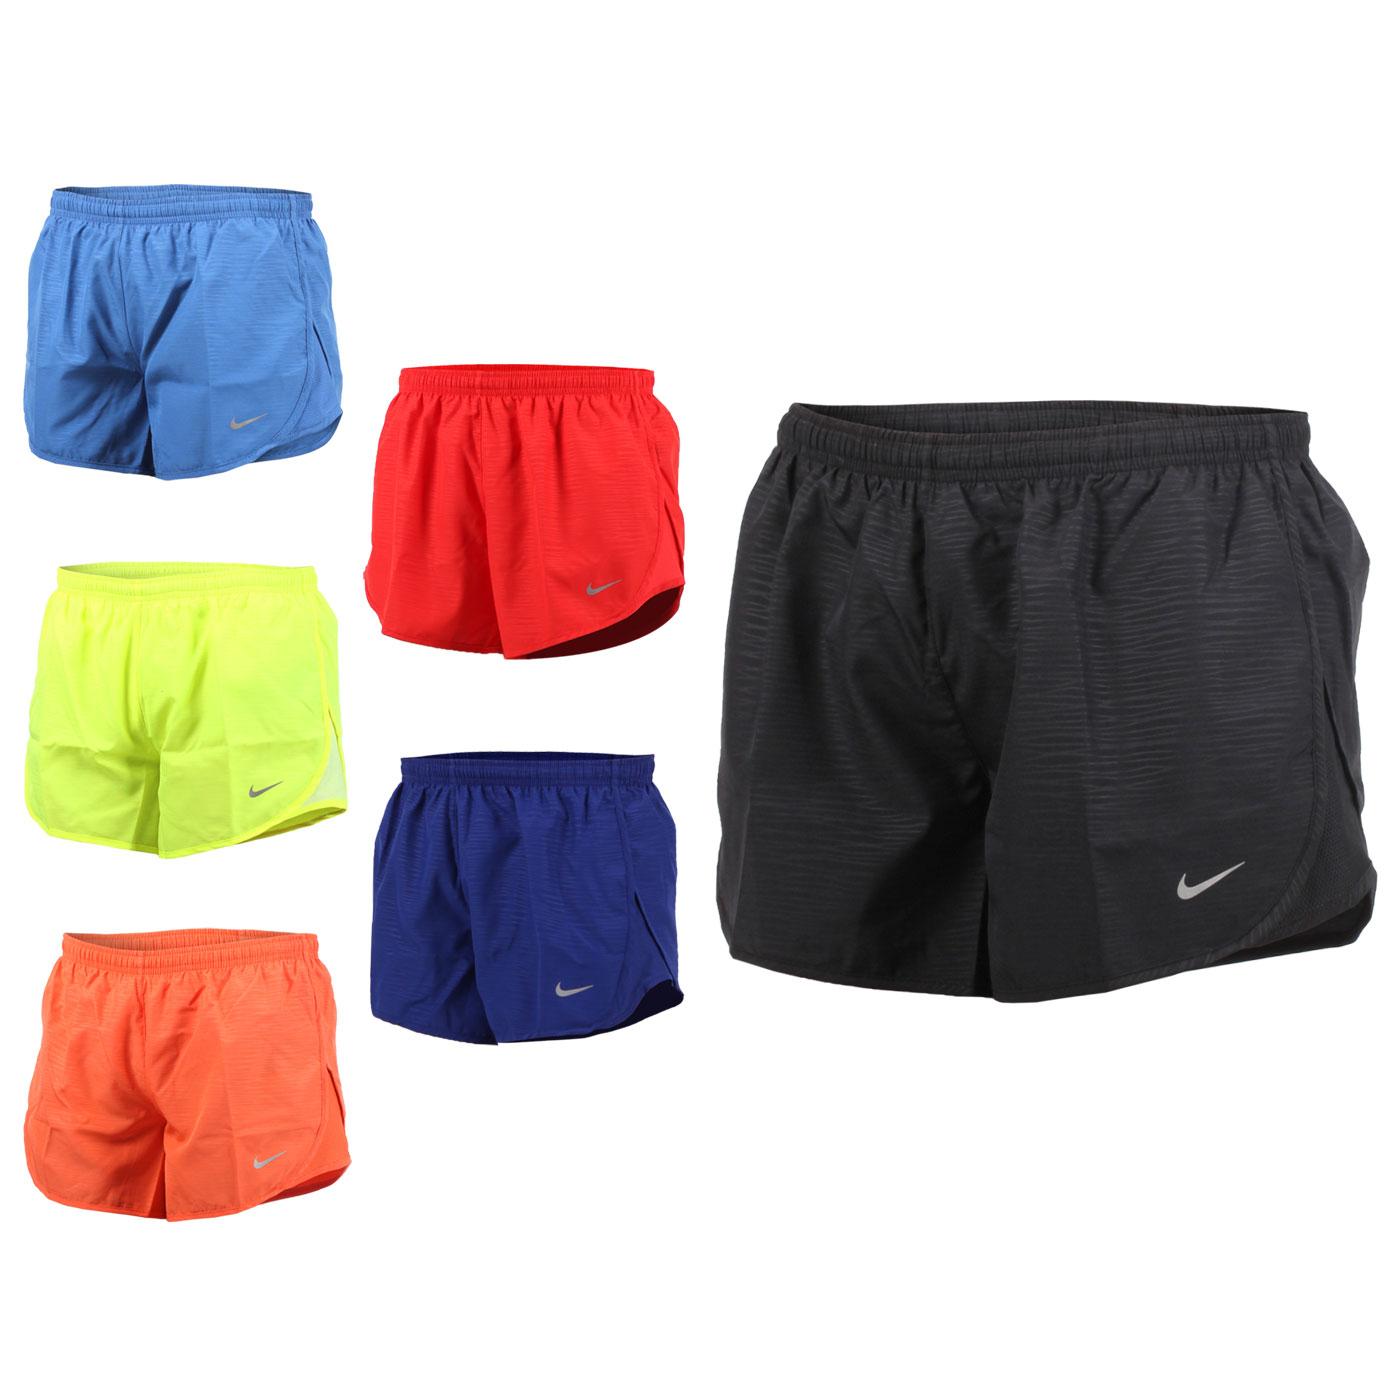 NIKE 女運動短褲 (梭織 慢跑 路跑【04351161】≡排汗專家≡